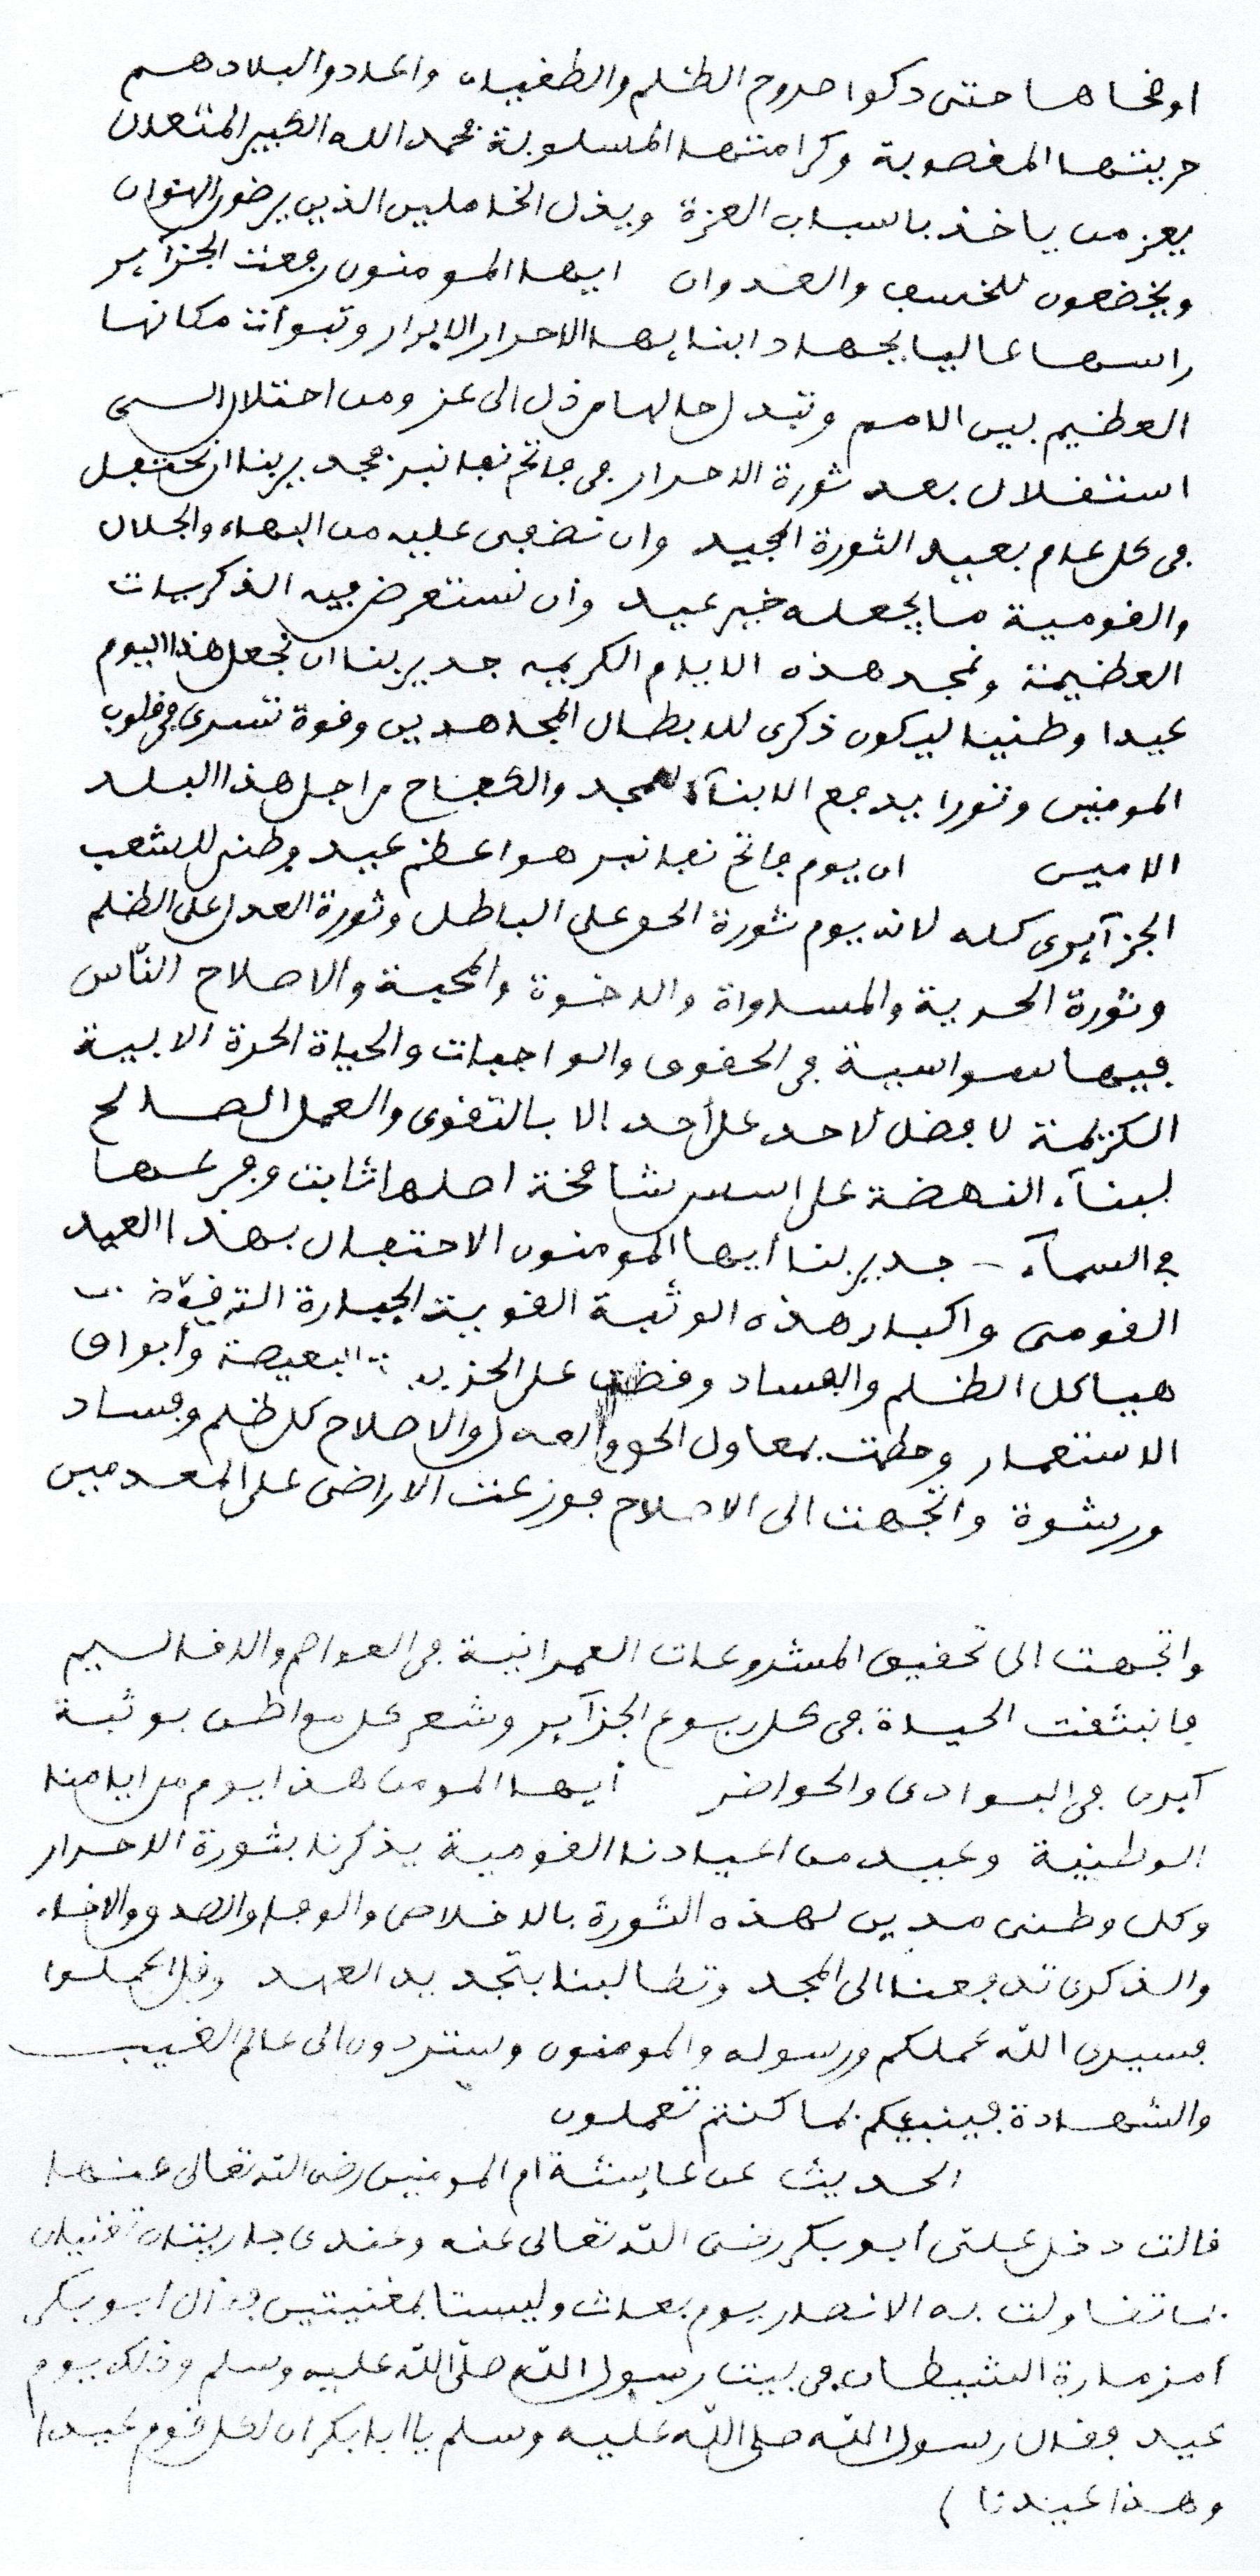 خطبة منبرية للشيخ سي عطية مسعودي في ذكرى أول نوفمبر